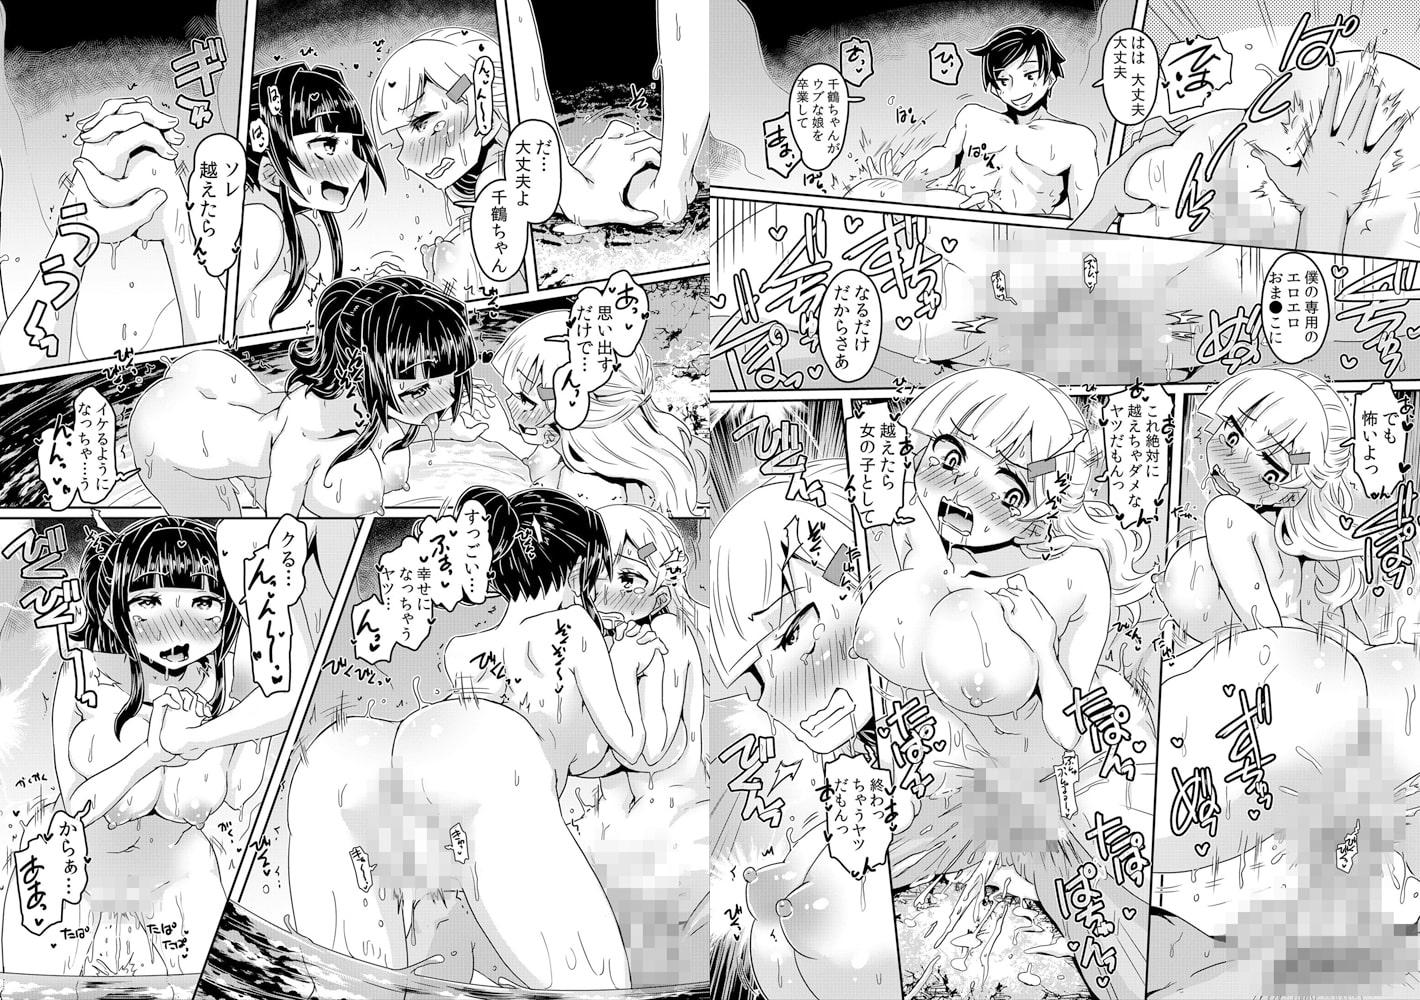 【セット売り】ぬるぬる快感フィットネス~チ●ポの味をカラダで覚える発情JD 3